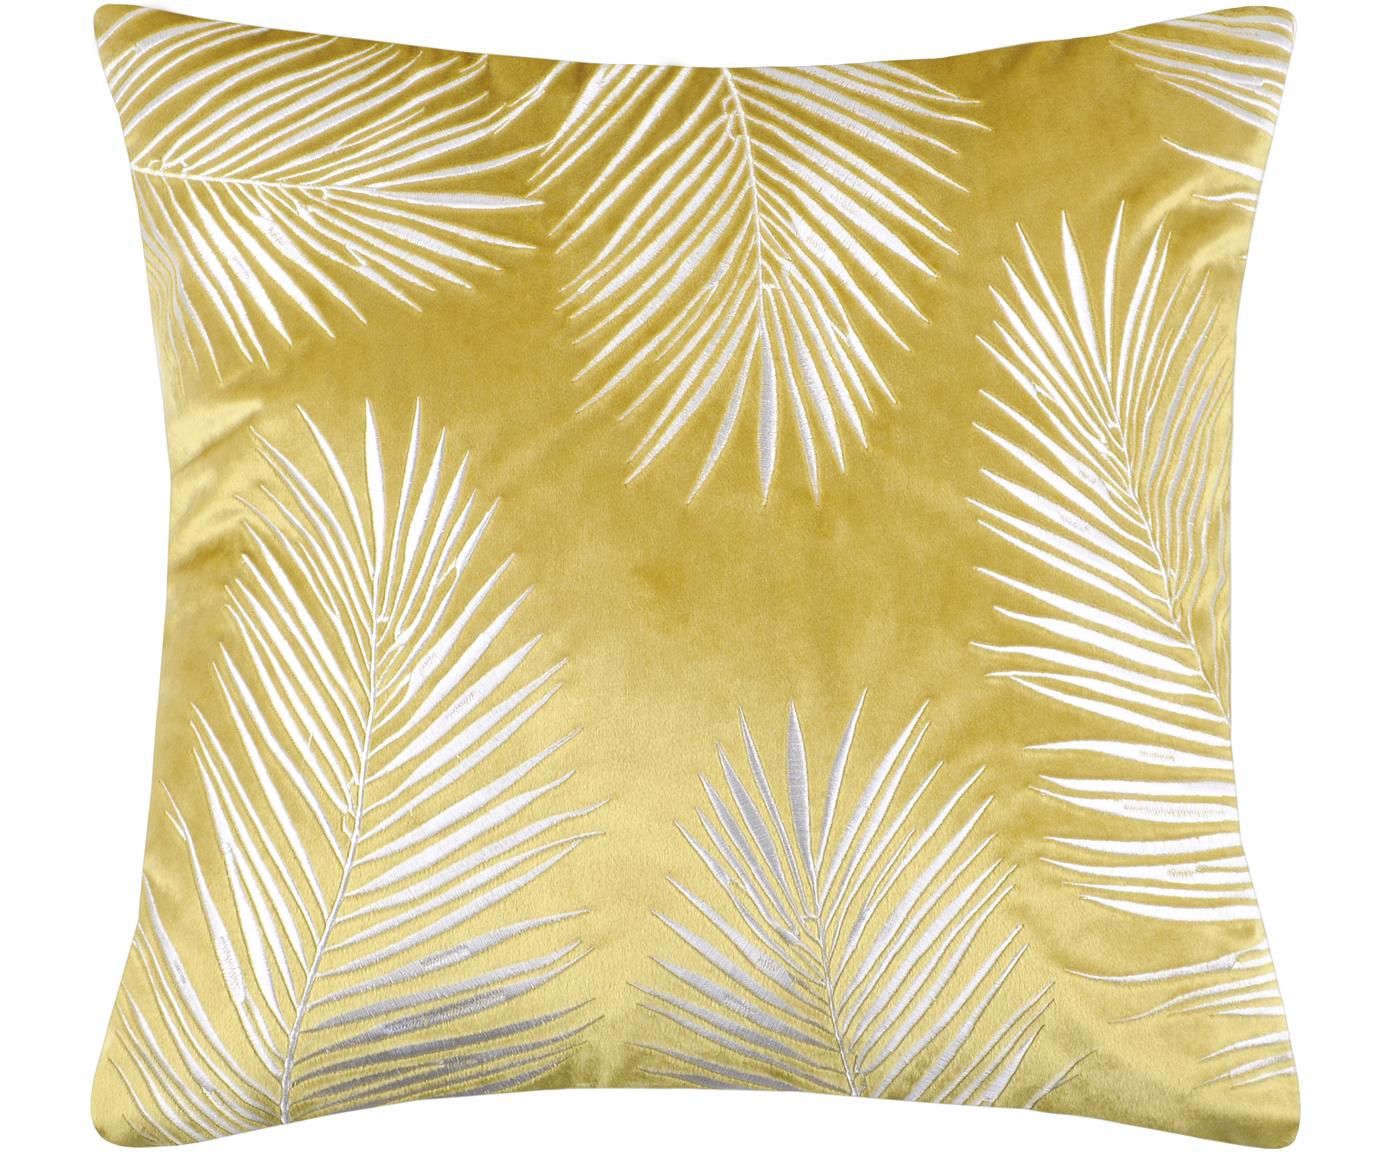 Samt-Kissenhülle Ibarra mit Palmenblatt Stickerei, 100% Polyester, Gelb, Weiß, 45 x 45 cm